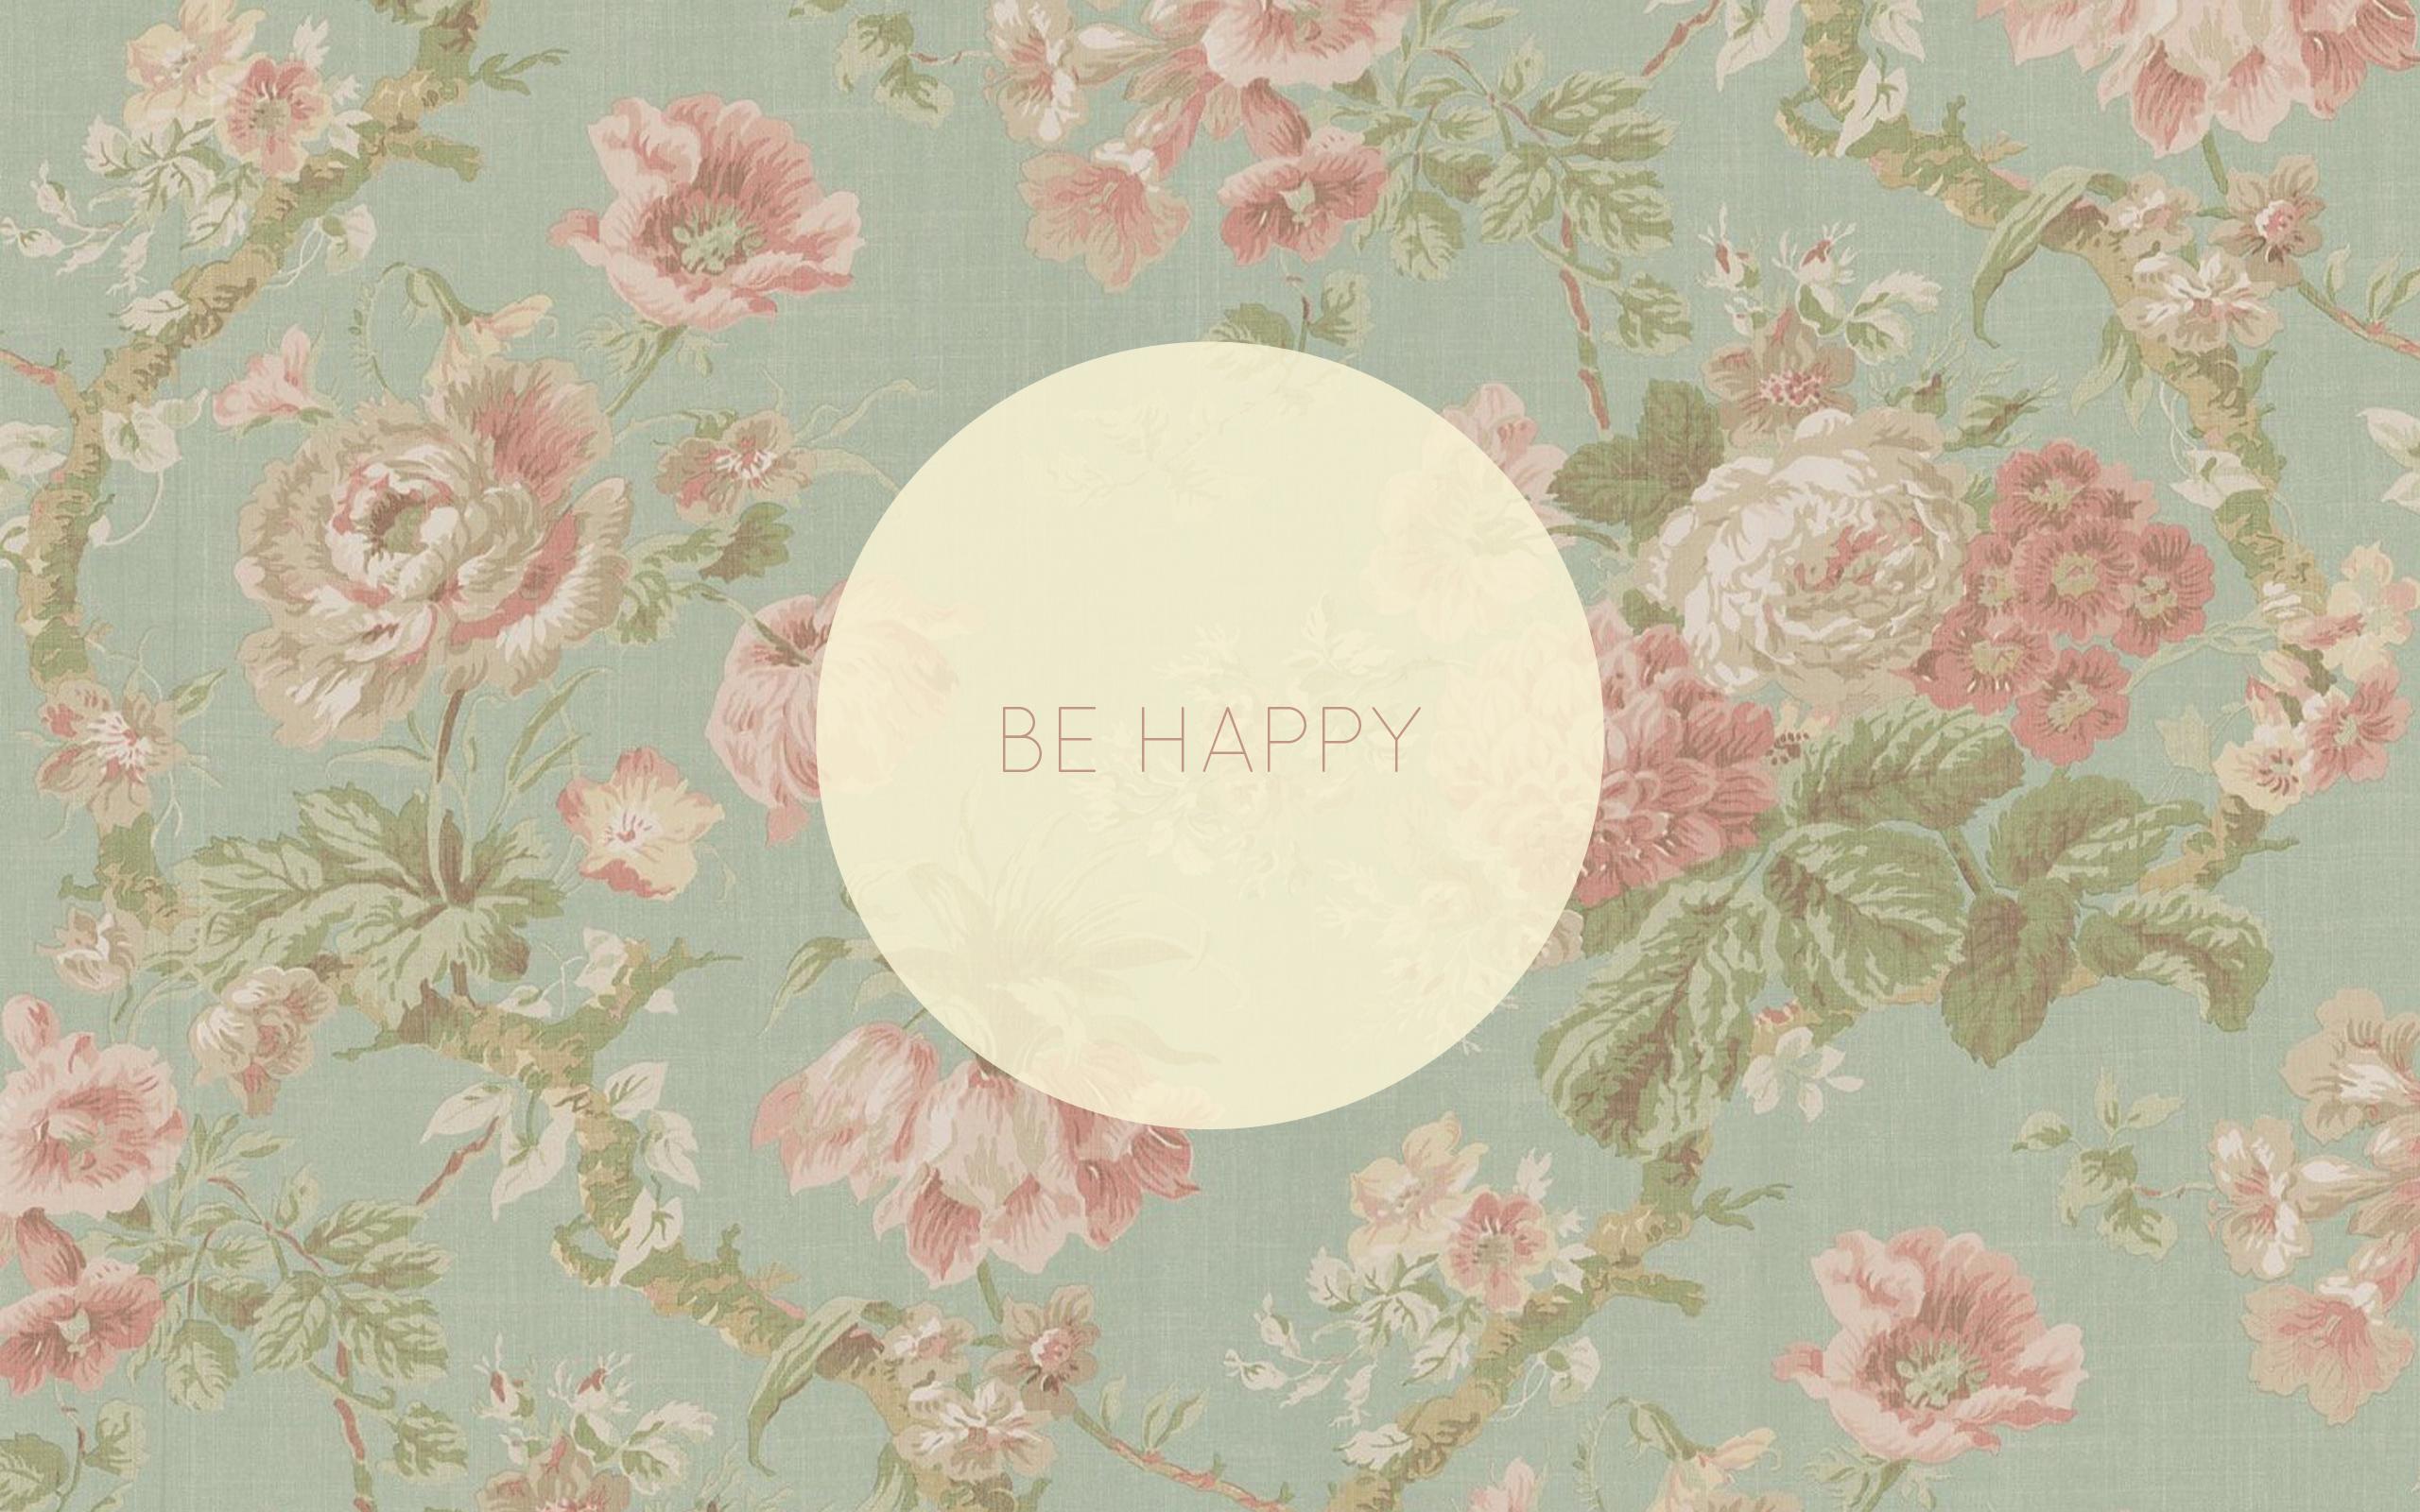 Vintage Floral Background Hd Wallpaper